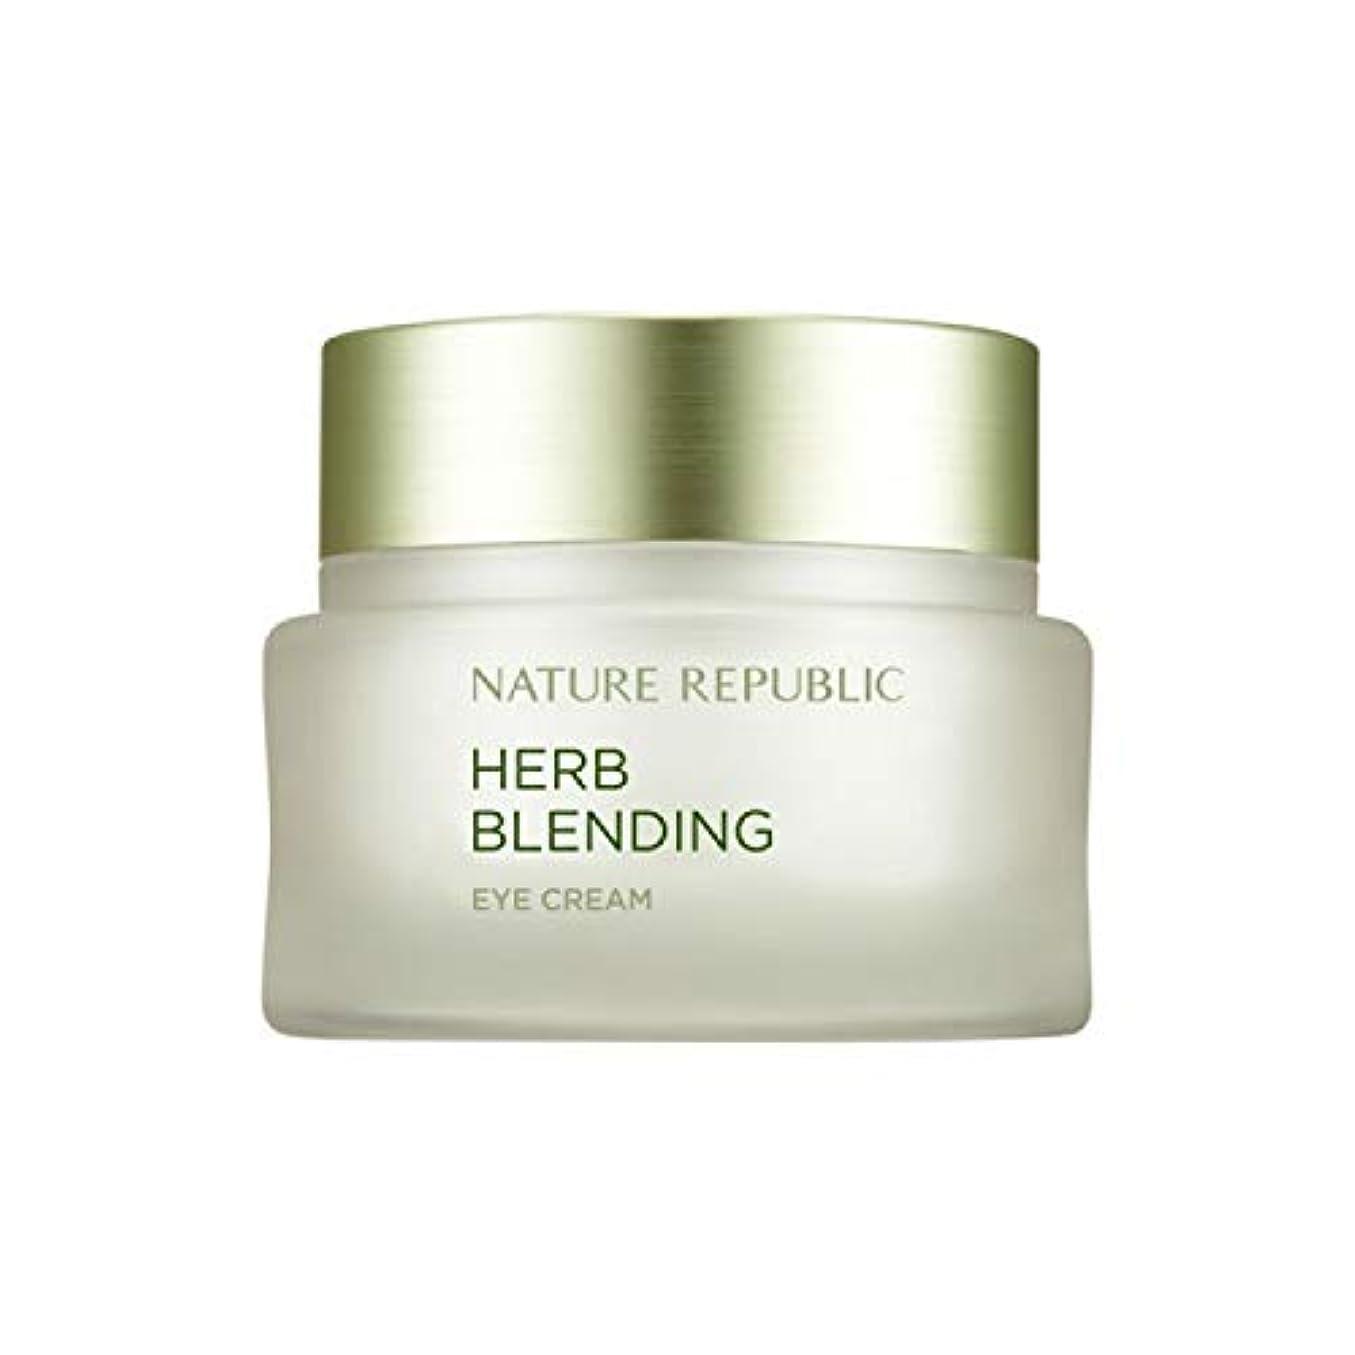 証拠絶え間ない週末ネイチャーリパブリック(Nature Republic)ハブブレンドアイクリーム 25ml / Herb Blending Eye Cream 25ml :: 韓国コスメ [並行輸入品]